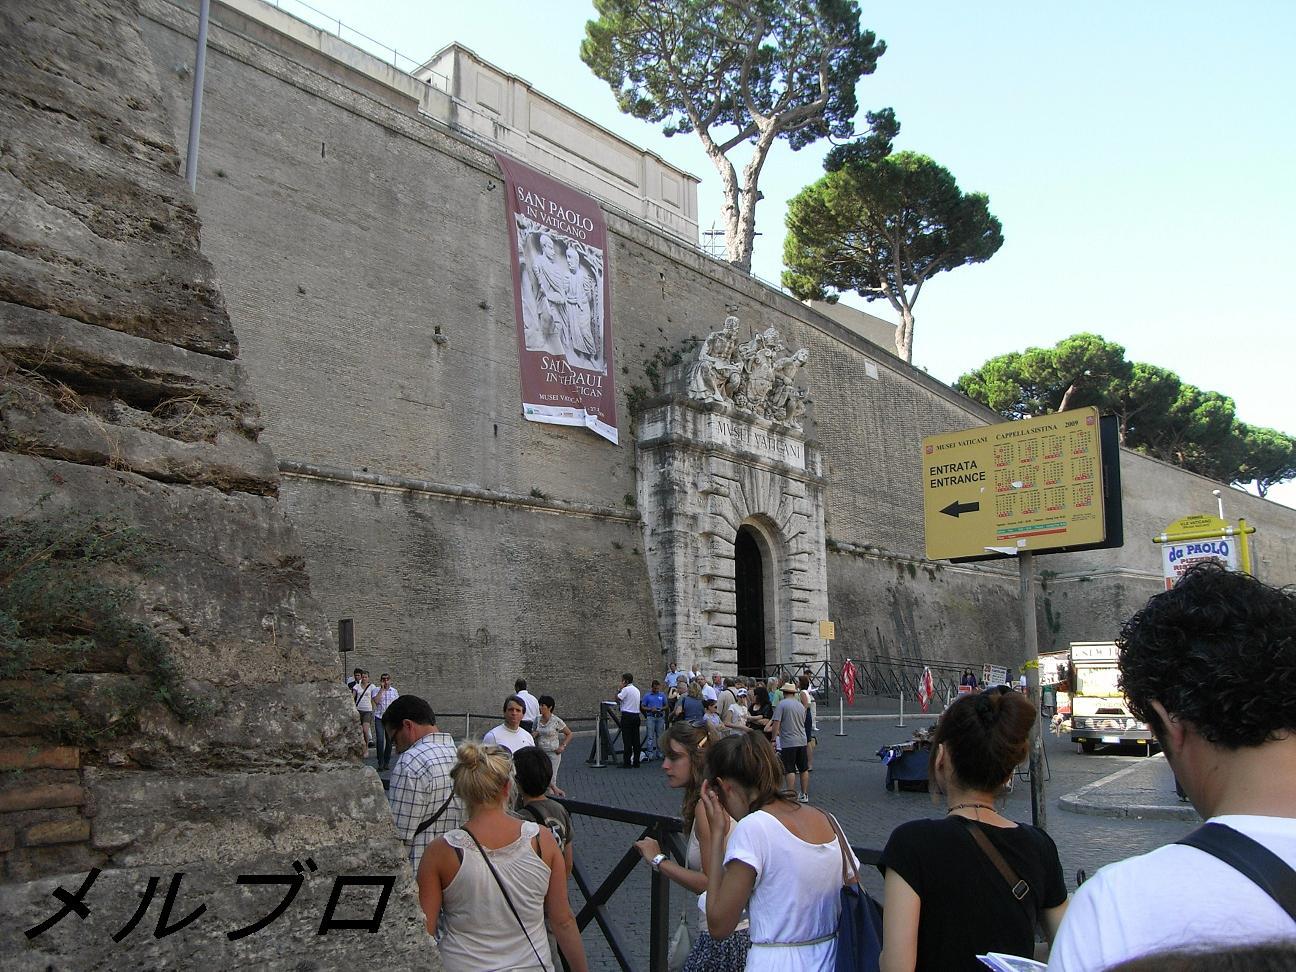 ヴァチカン博物館入り口と出口